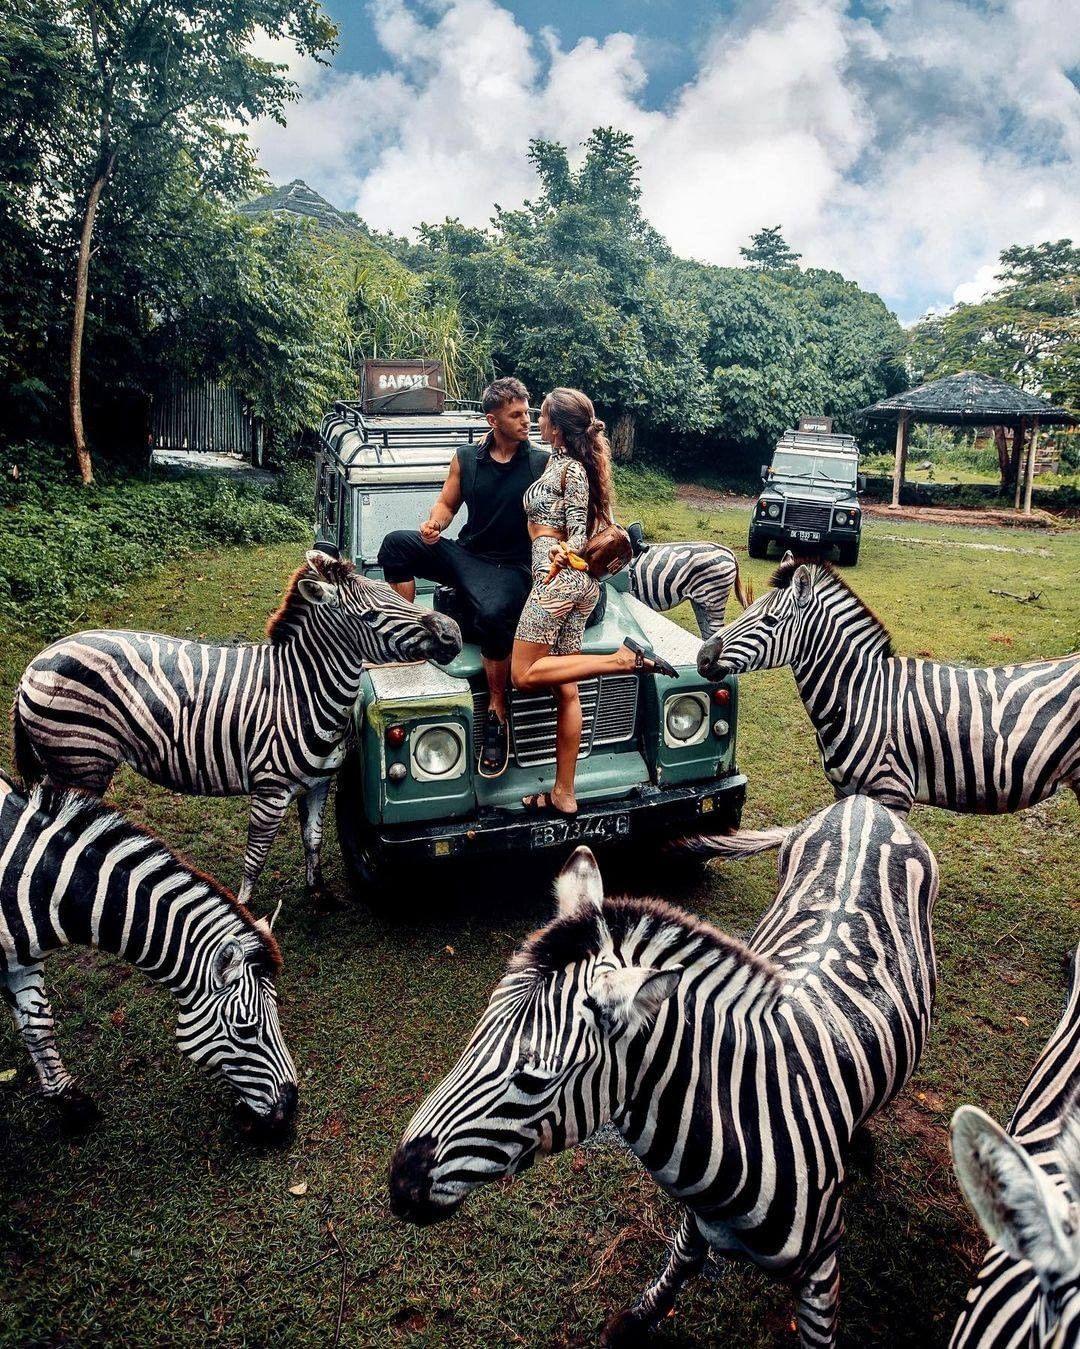 Berfoto Dengan Zebra Di Bali Safari Image From @baligolive